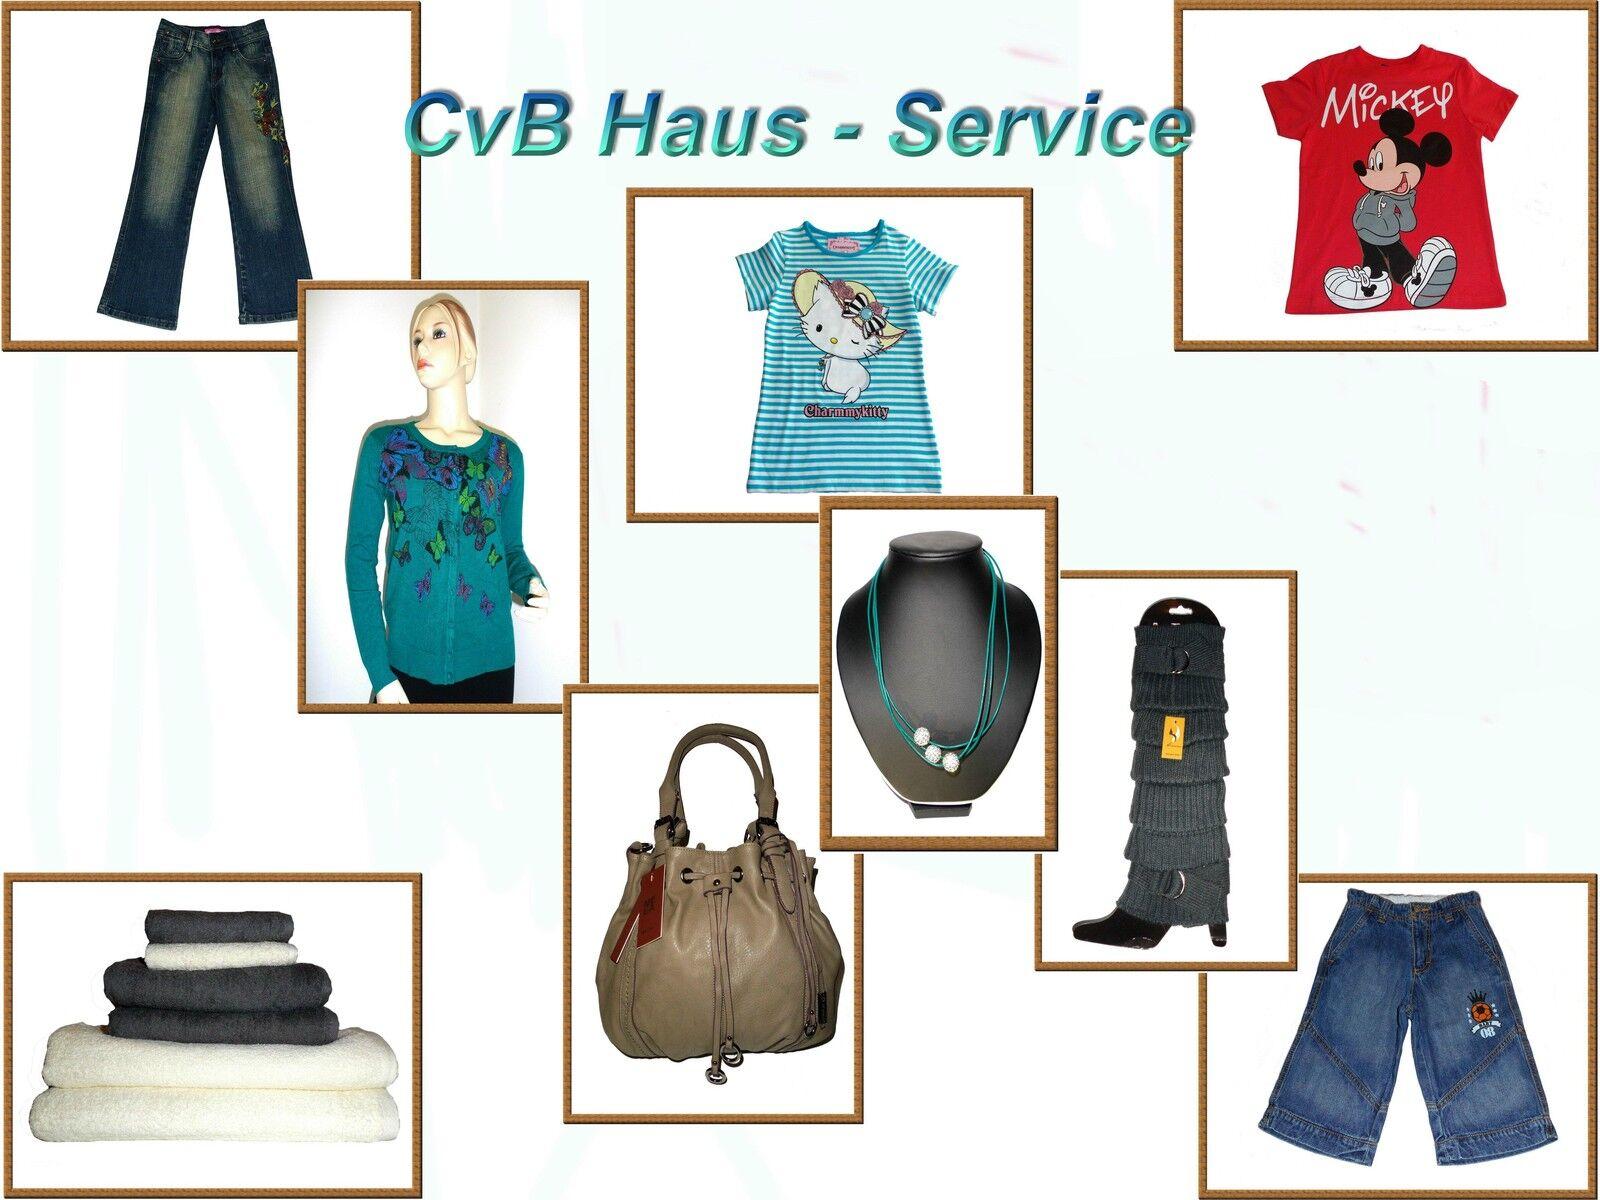 cvb-warenhaus